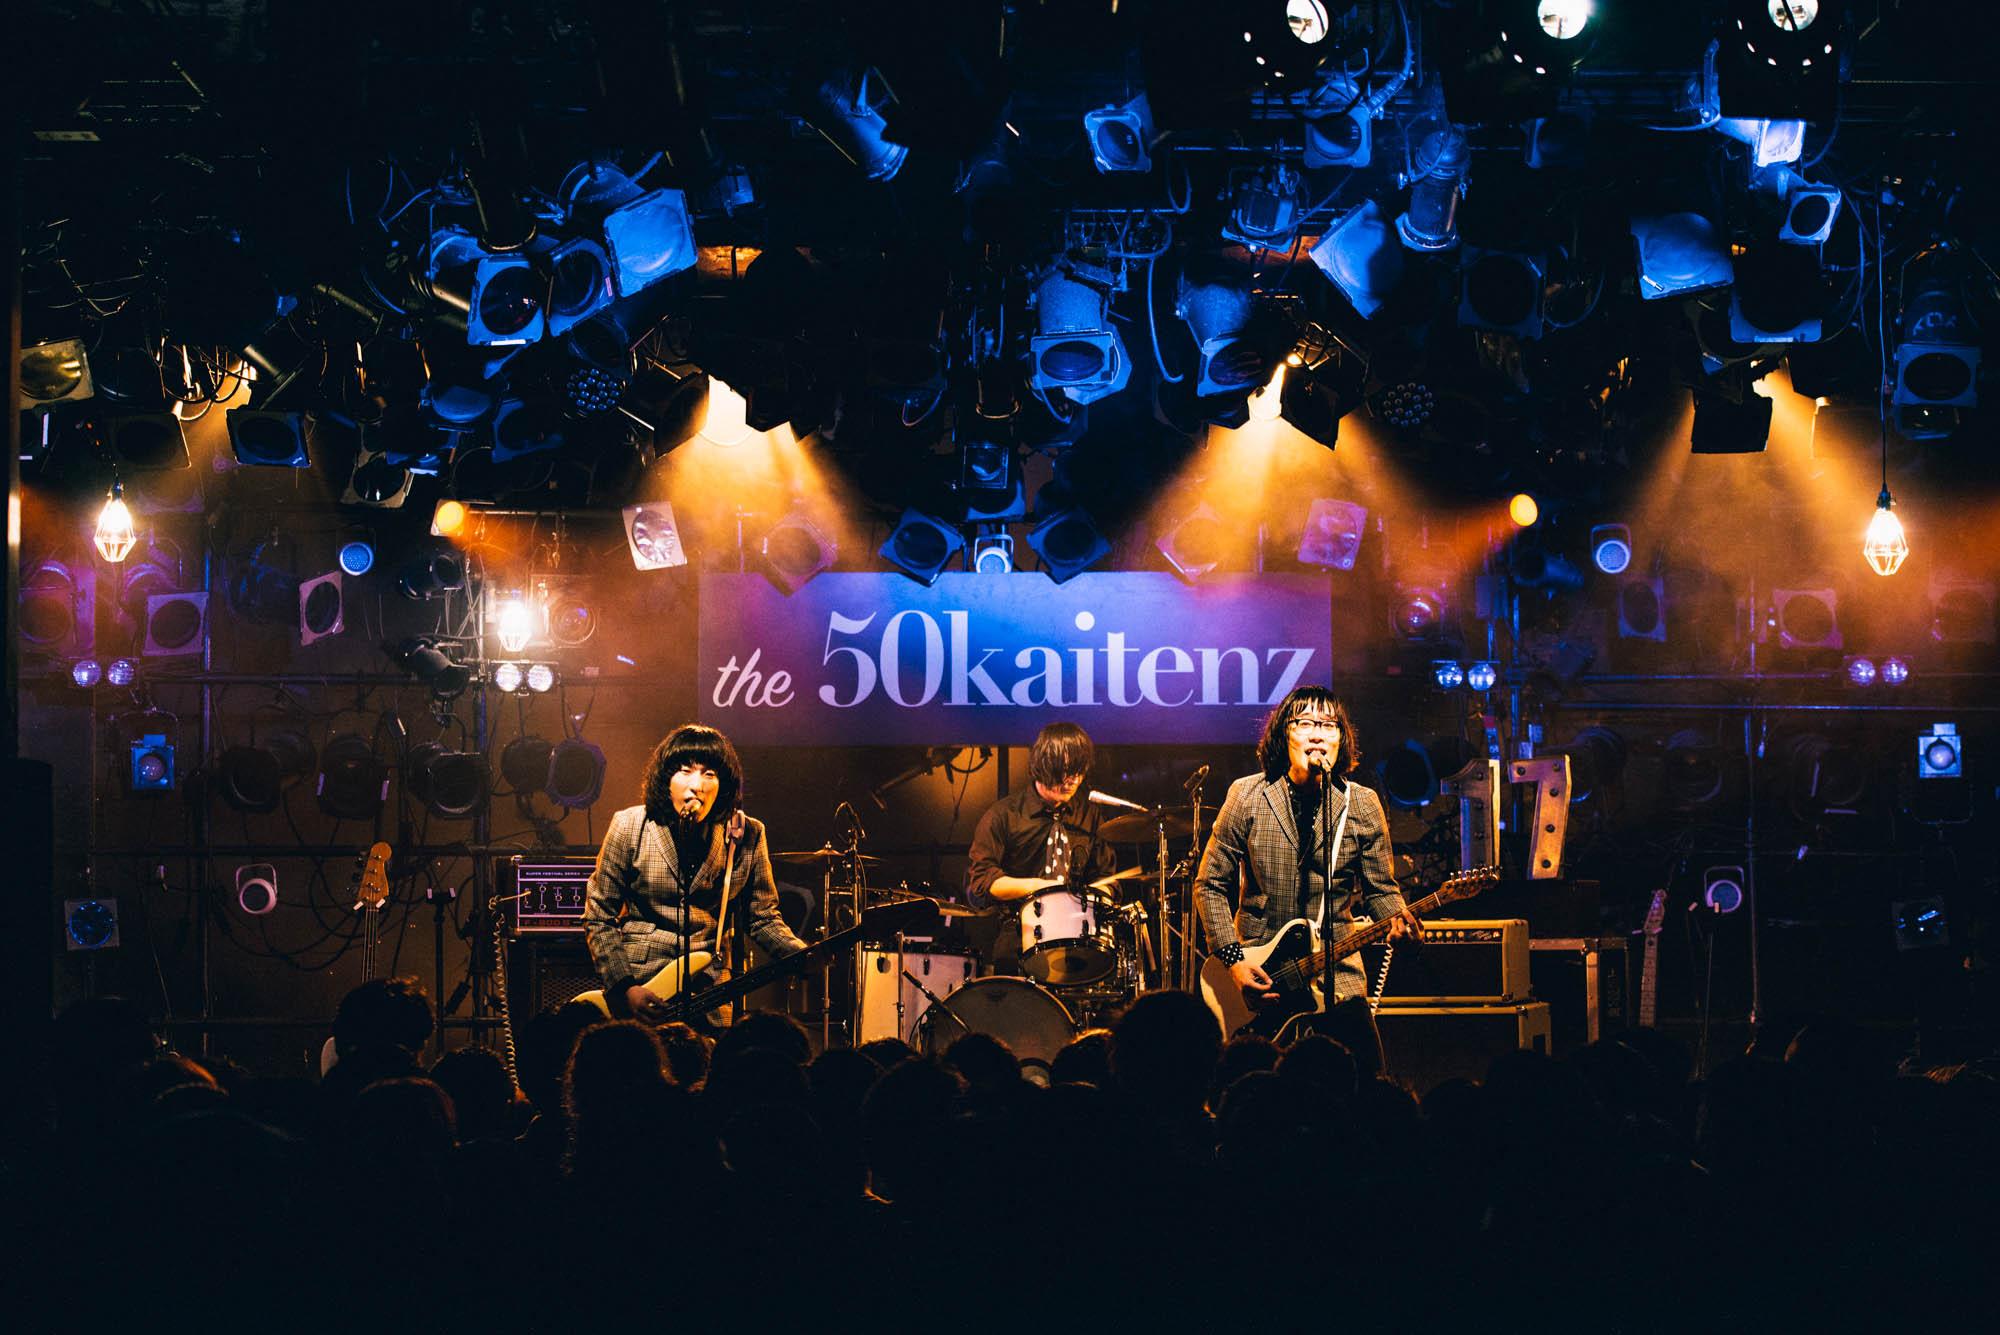 ザ50回転ズ | 東京 SHIBUYA CLUB QUATTRO | 2017.12.03